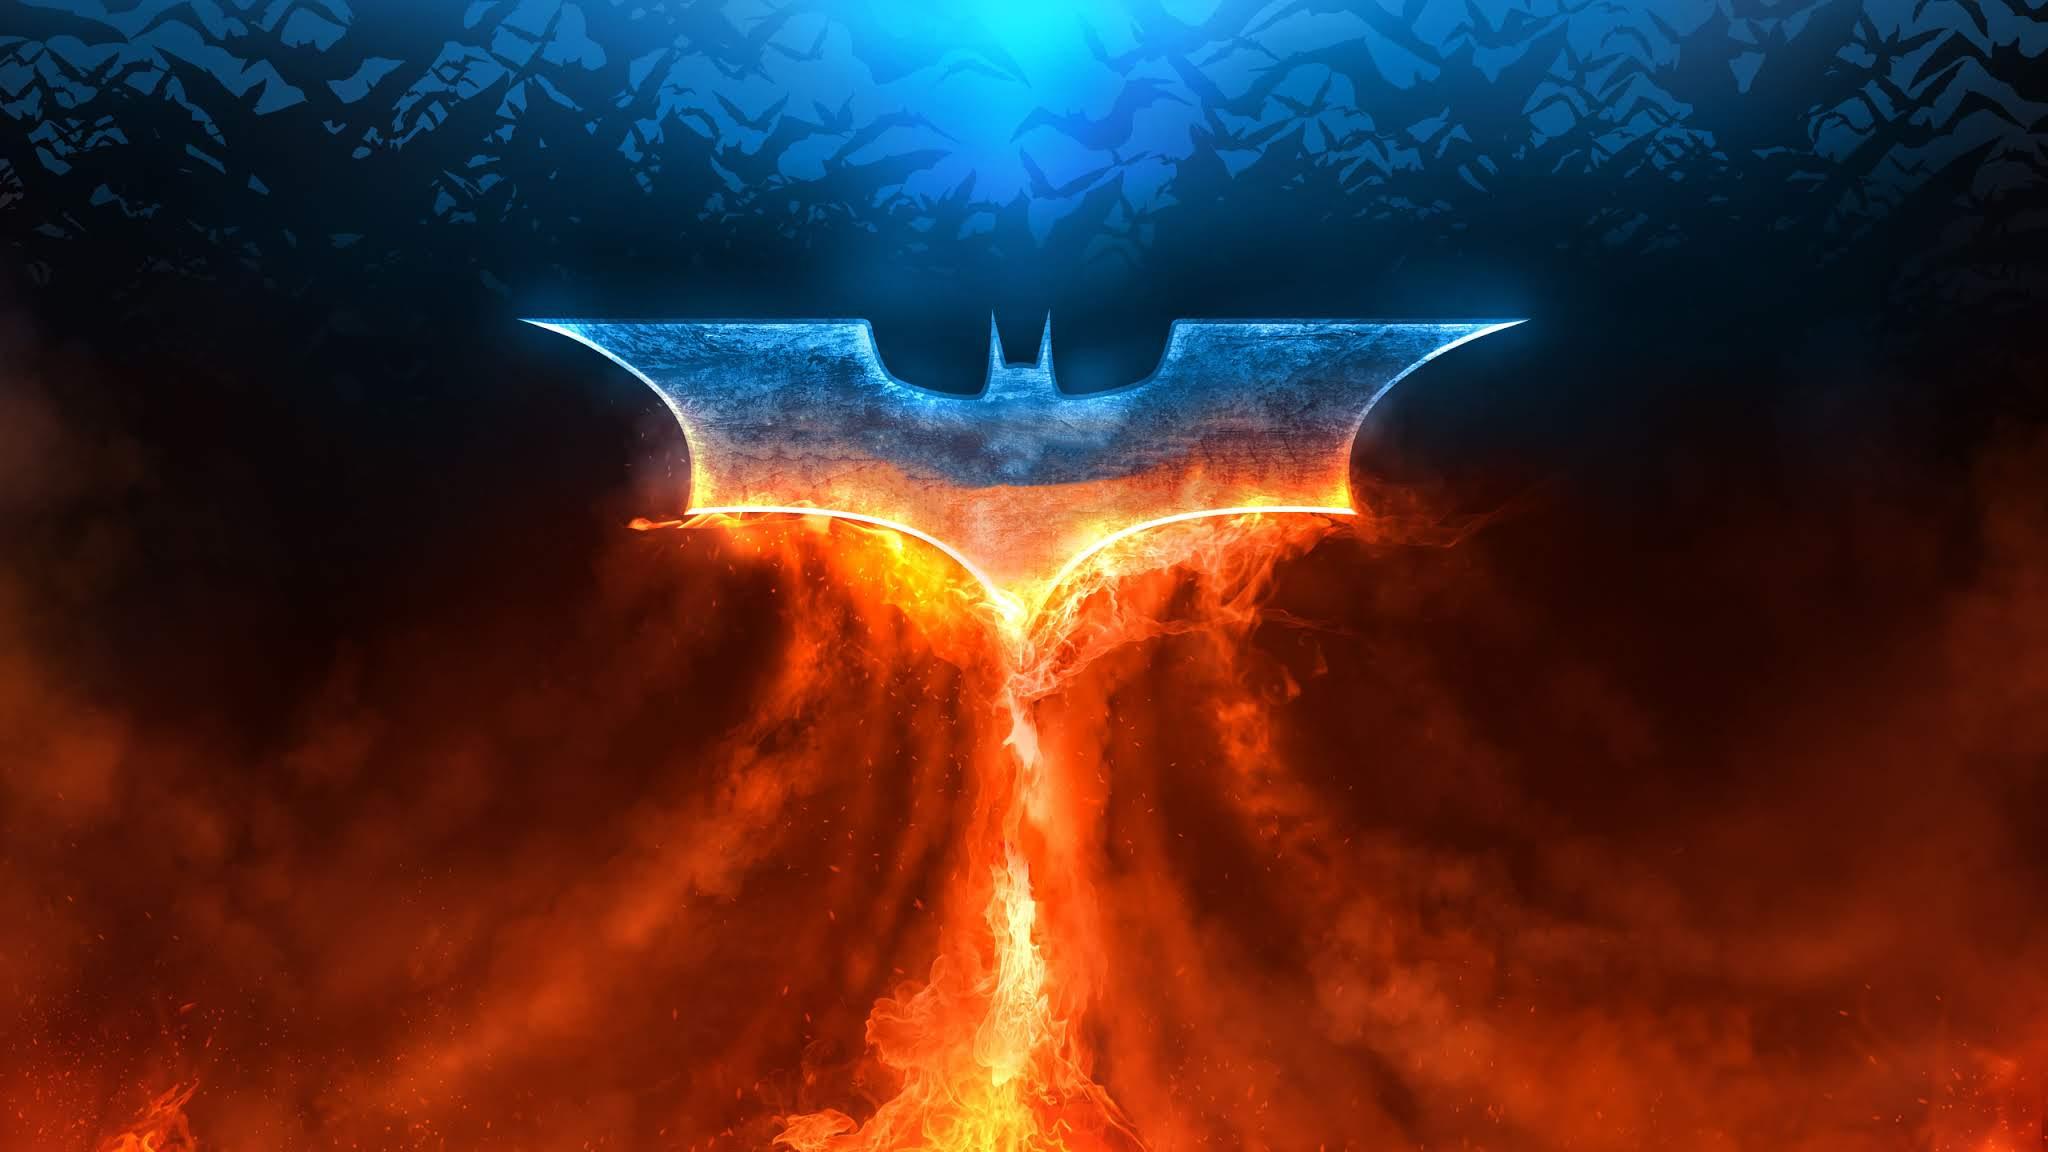 Cool Logo Wallpaper - Batman Logo 4k - 2048x1152 Wallpaper ...